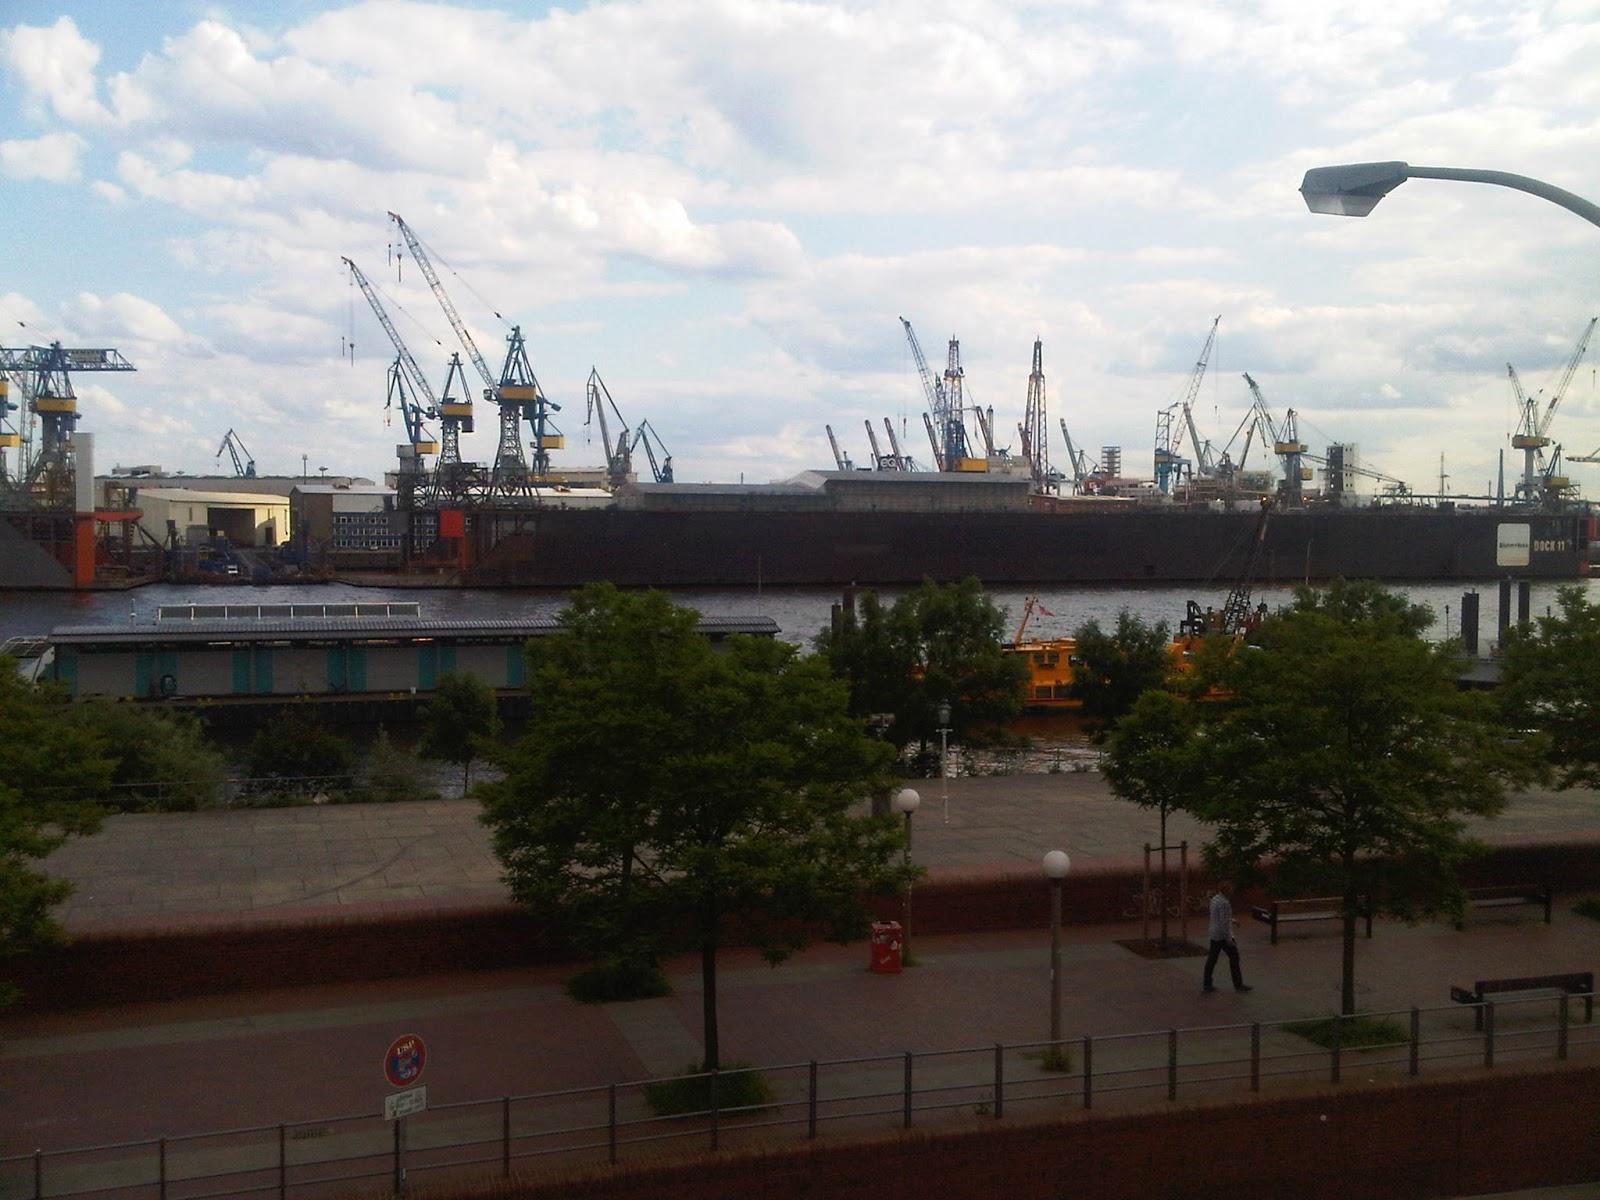 Blick auf die Containerverladung im Hamburger Hafen. Hafenstraße, Brücke, Wolken, blauer Himmel. Kräne.